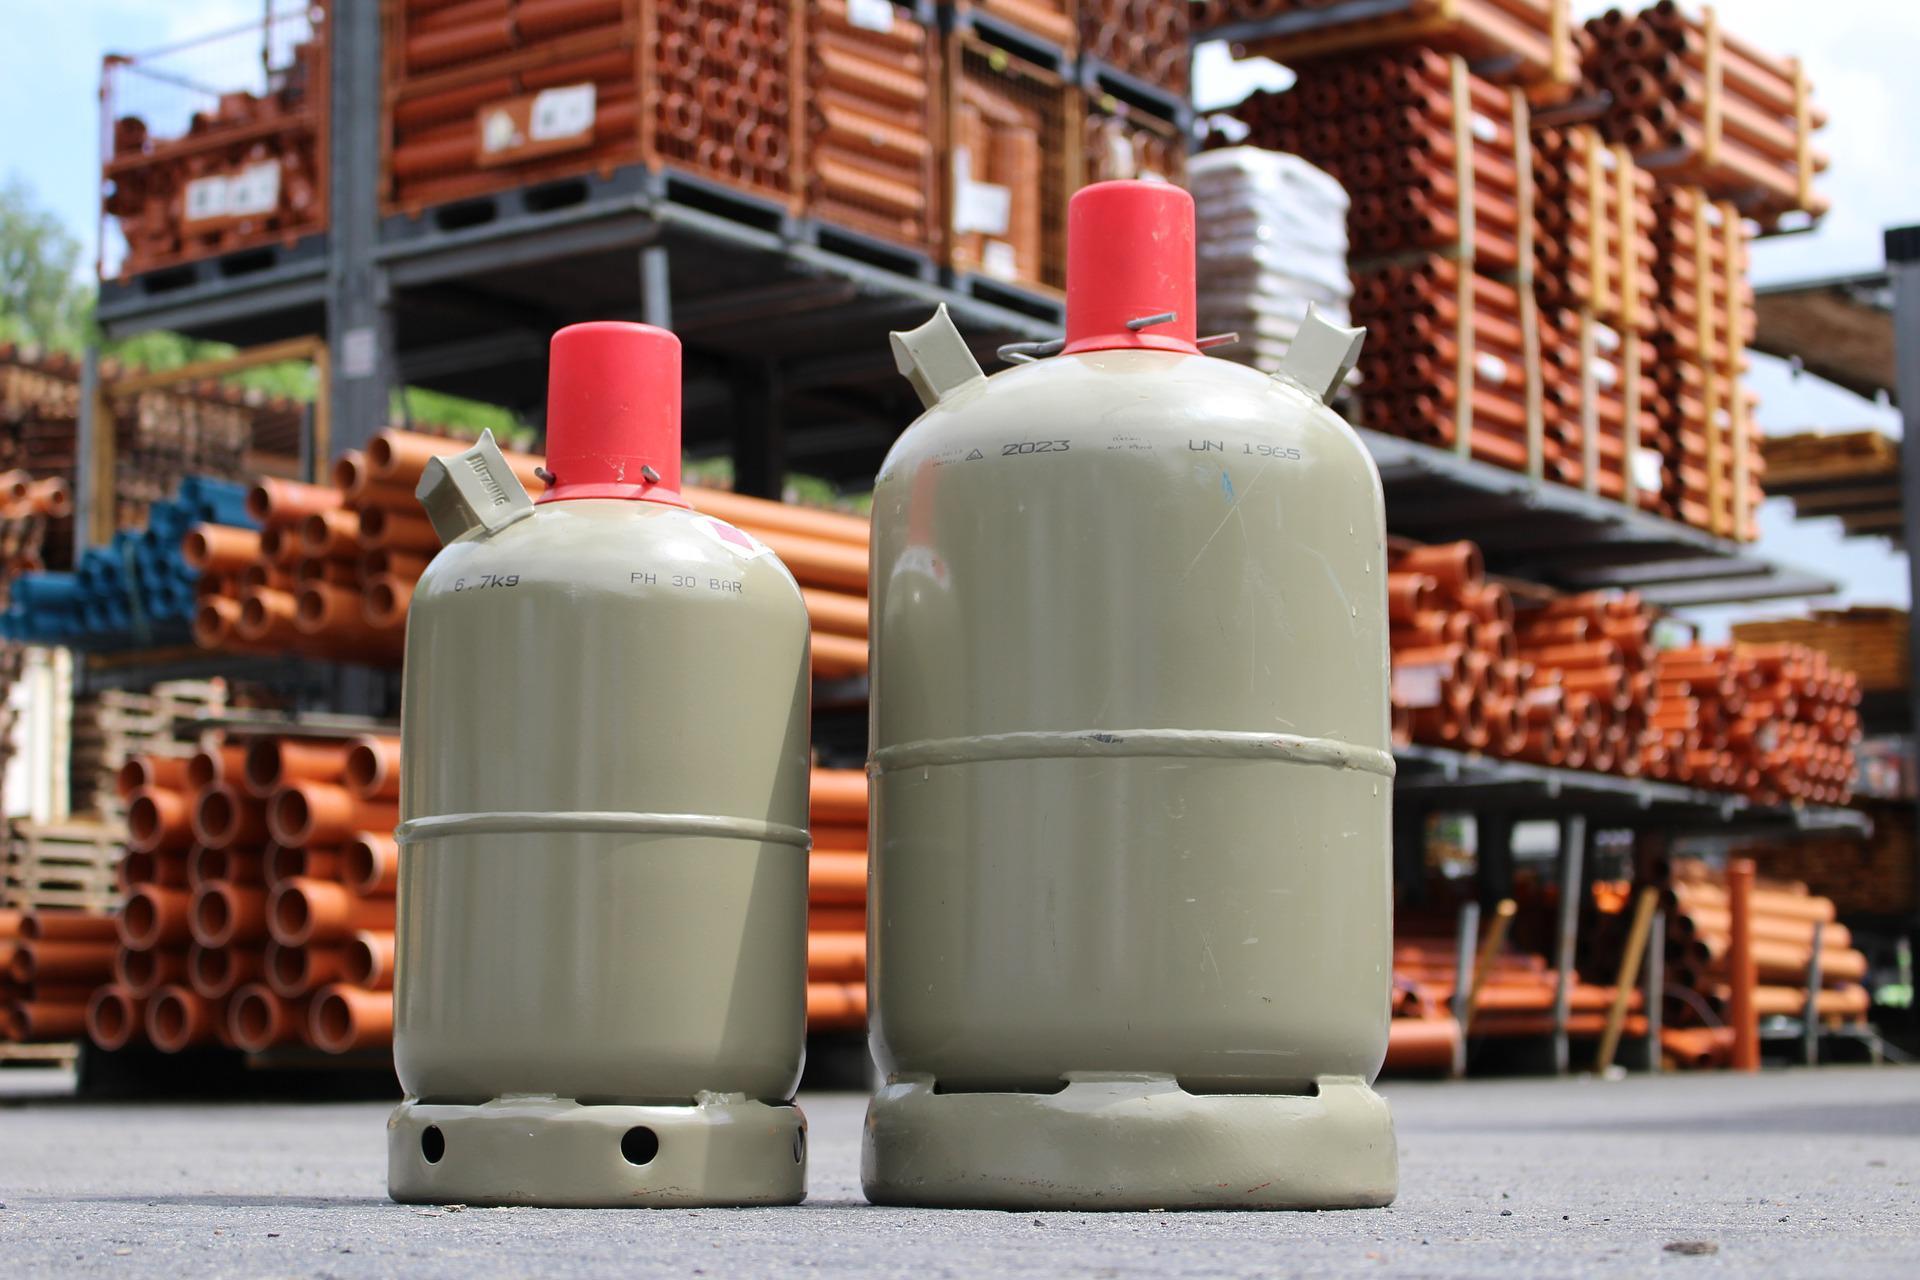 Butano - Butangas-Flaschen